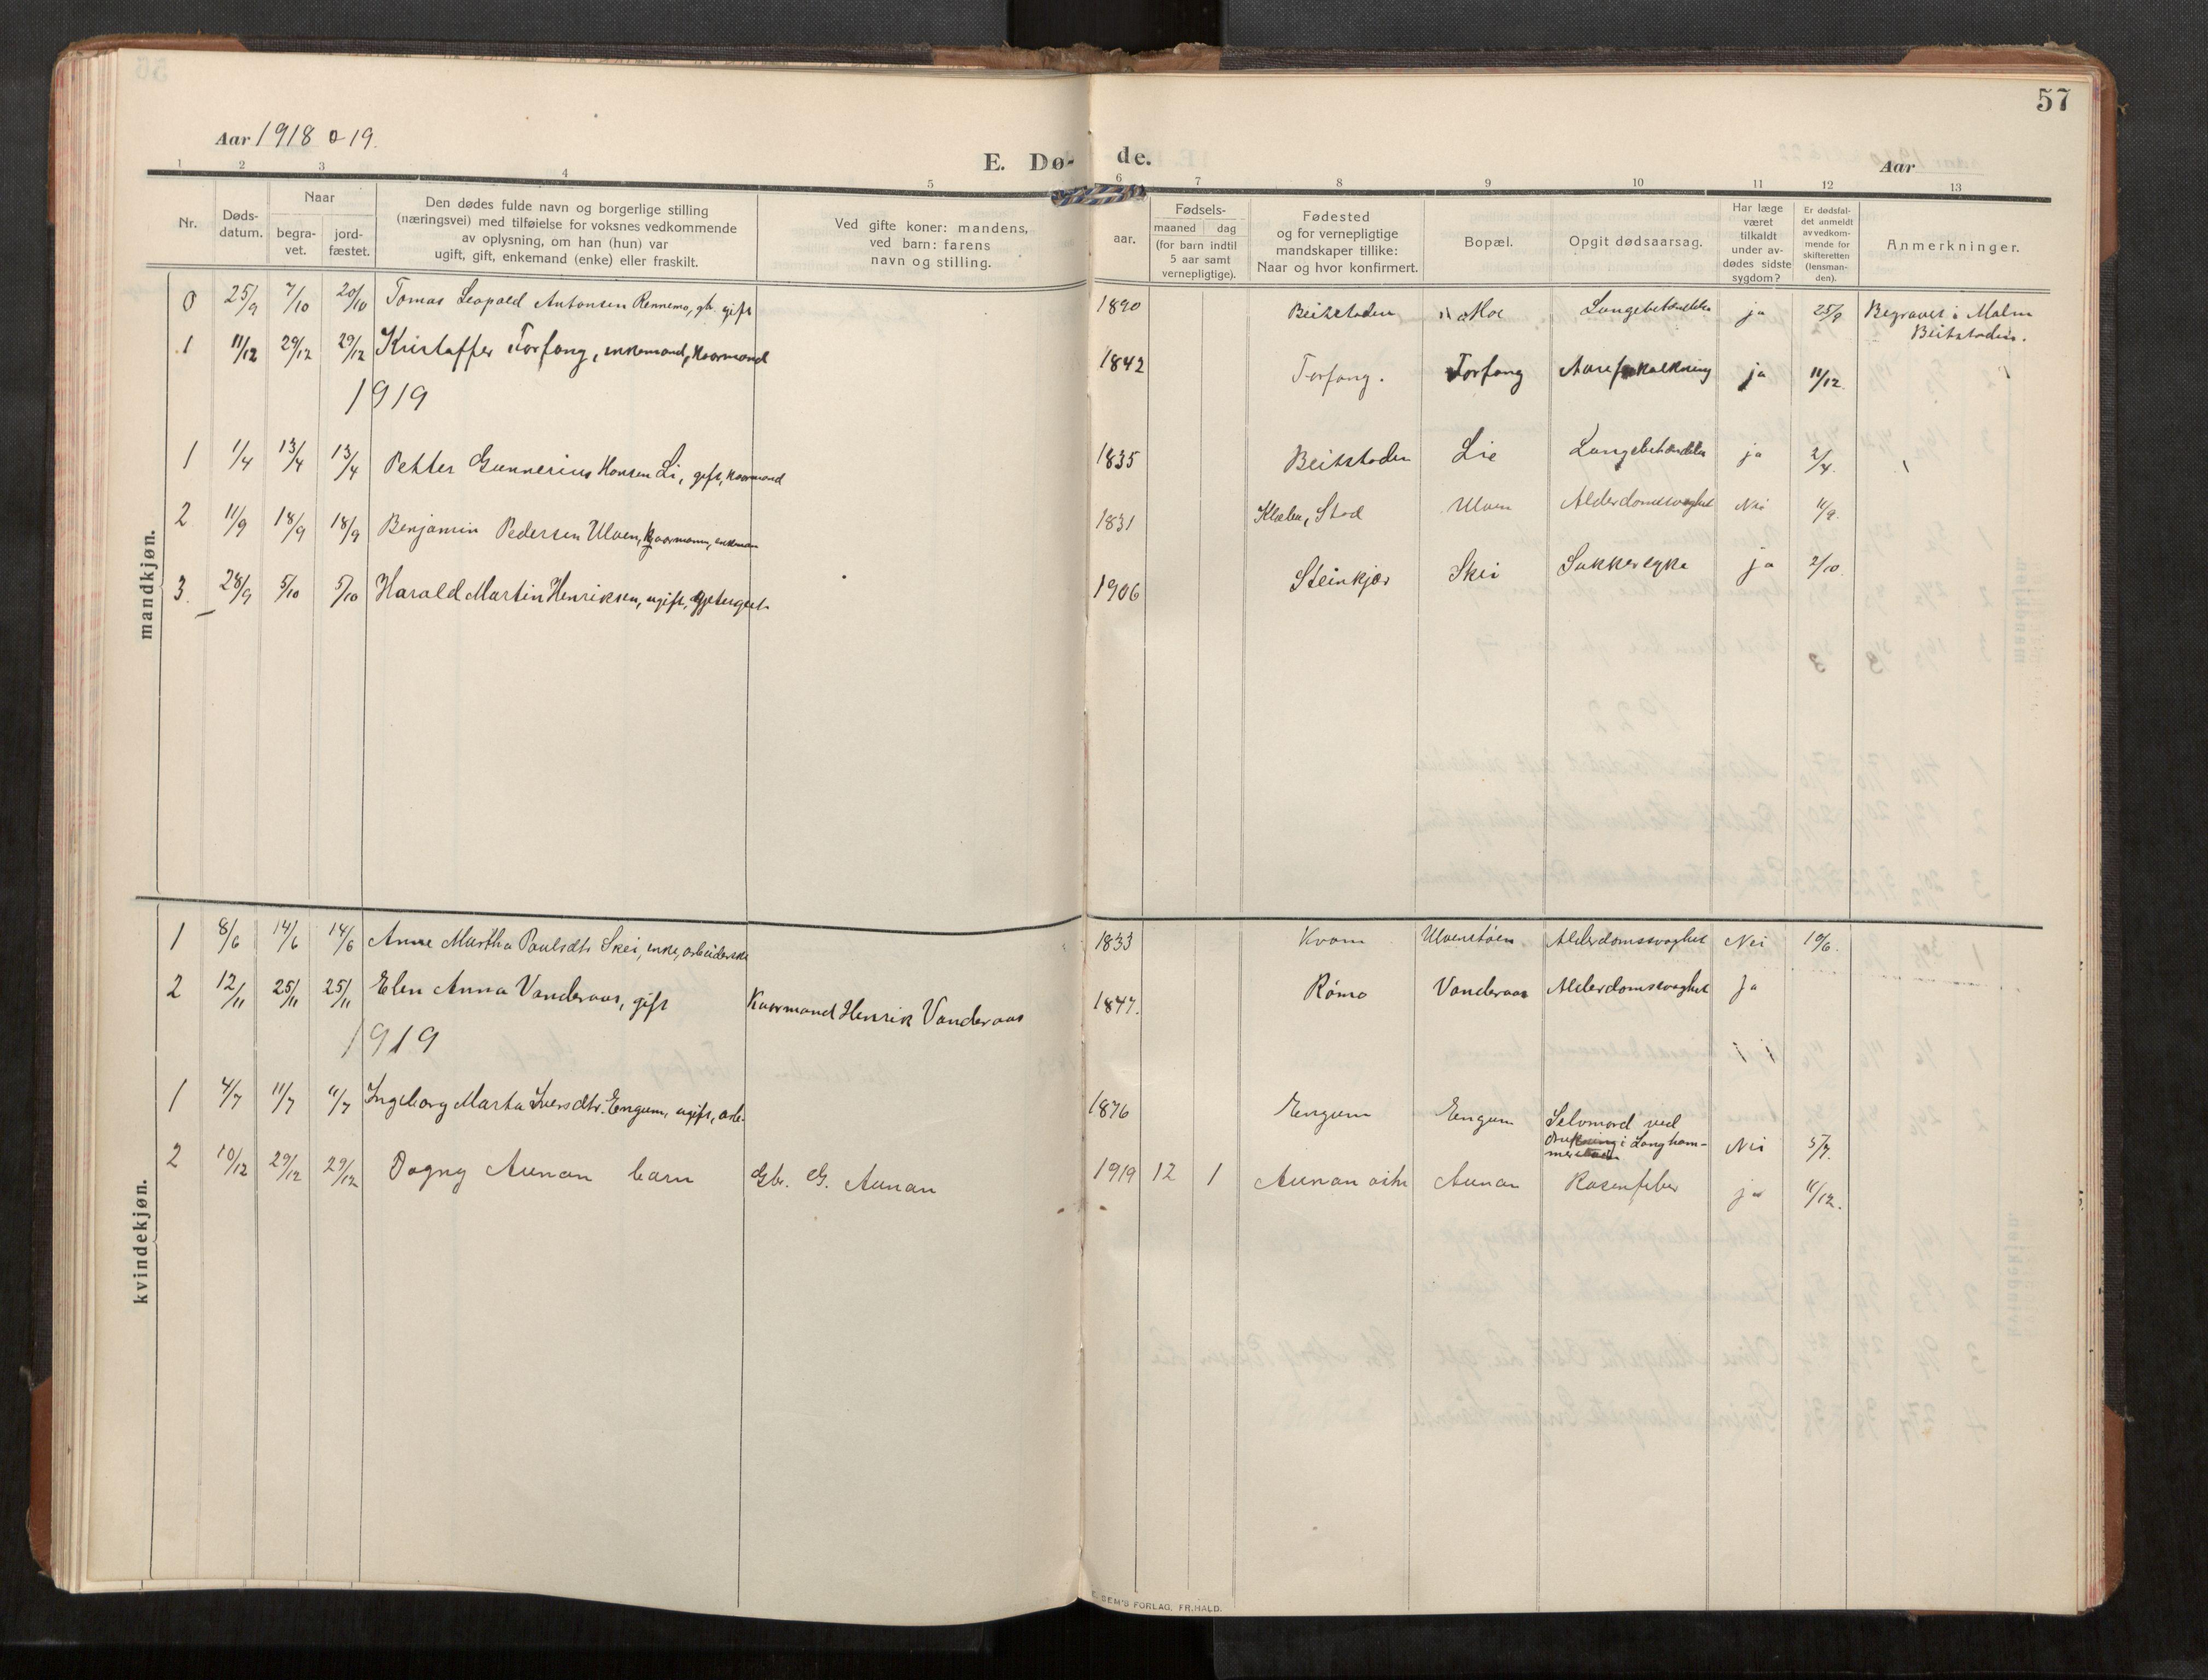 SAT, Stod sokneprestkontor, I/I1/I1a/L0003: Parish register (official) no. 3, 1909-1934, p. 57